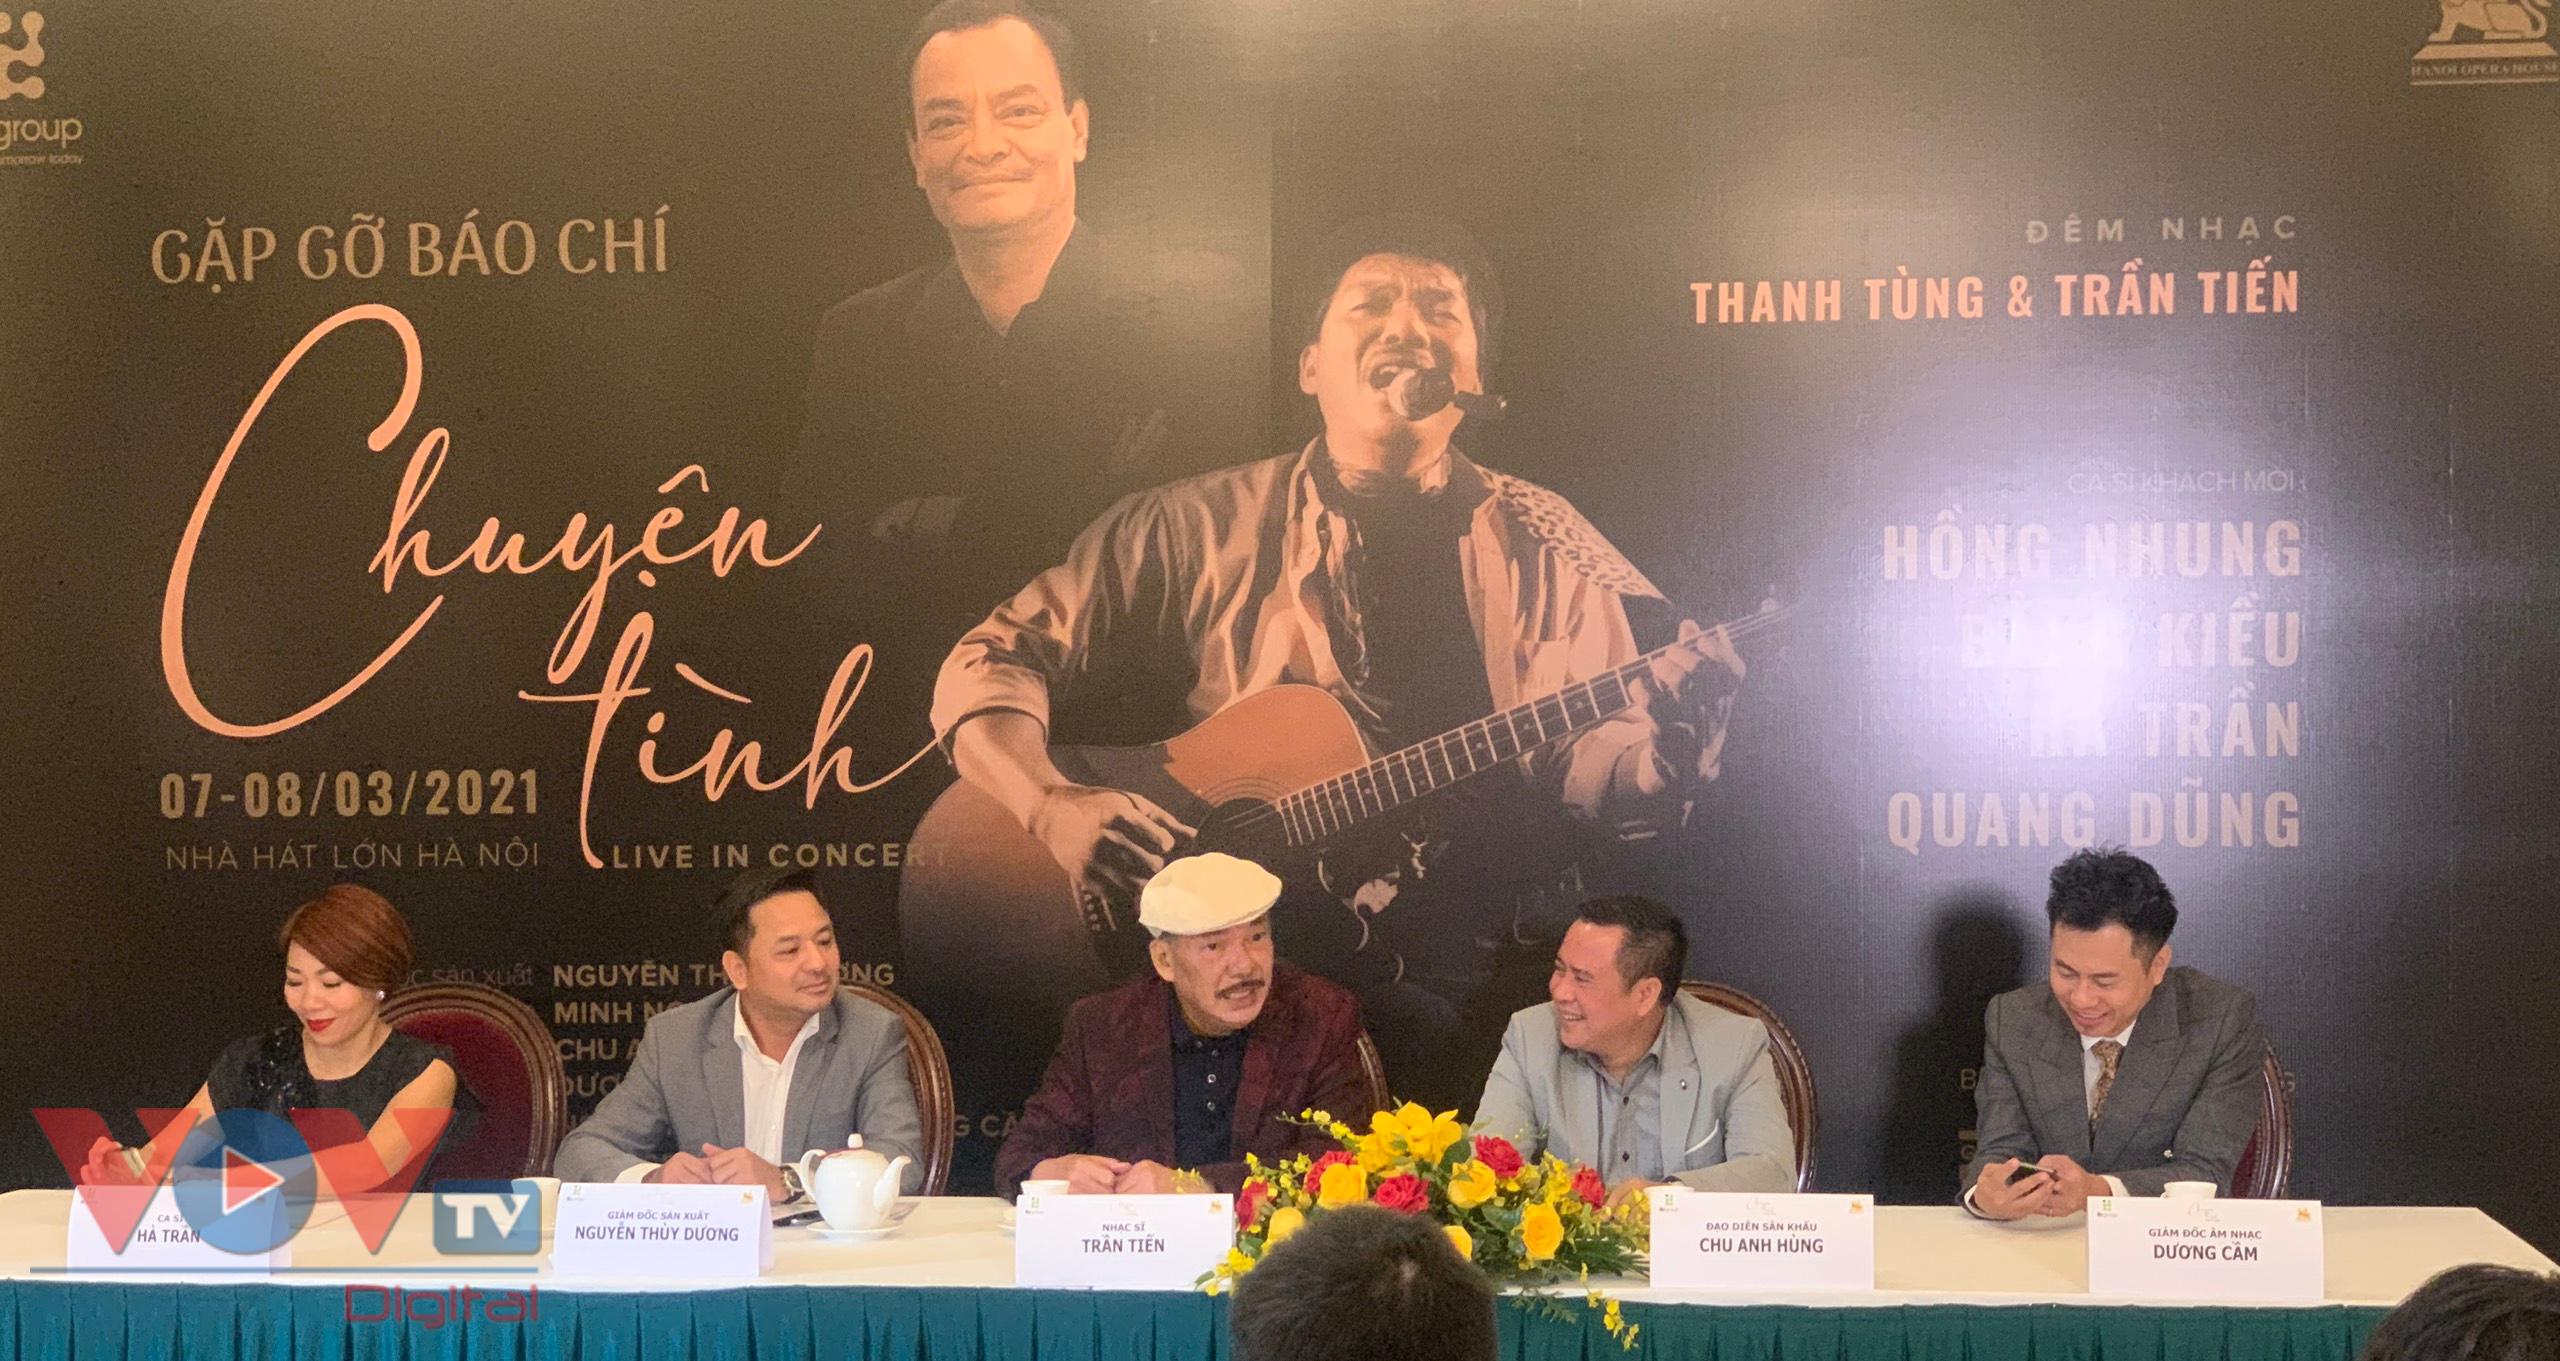 Nhạc sĩ Trần Tiến tươi rói trong buổi họp báo - Ảnh 3.